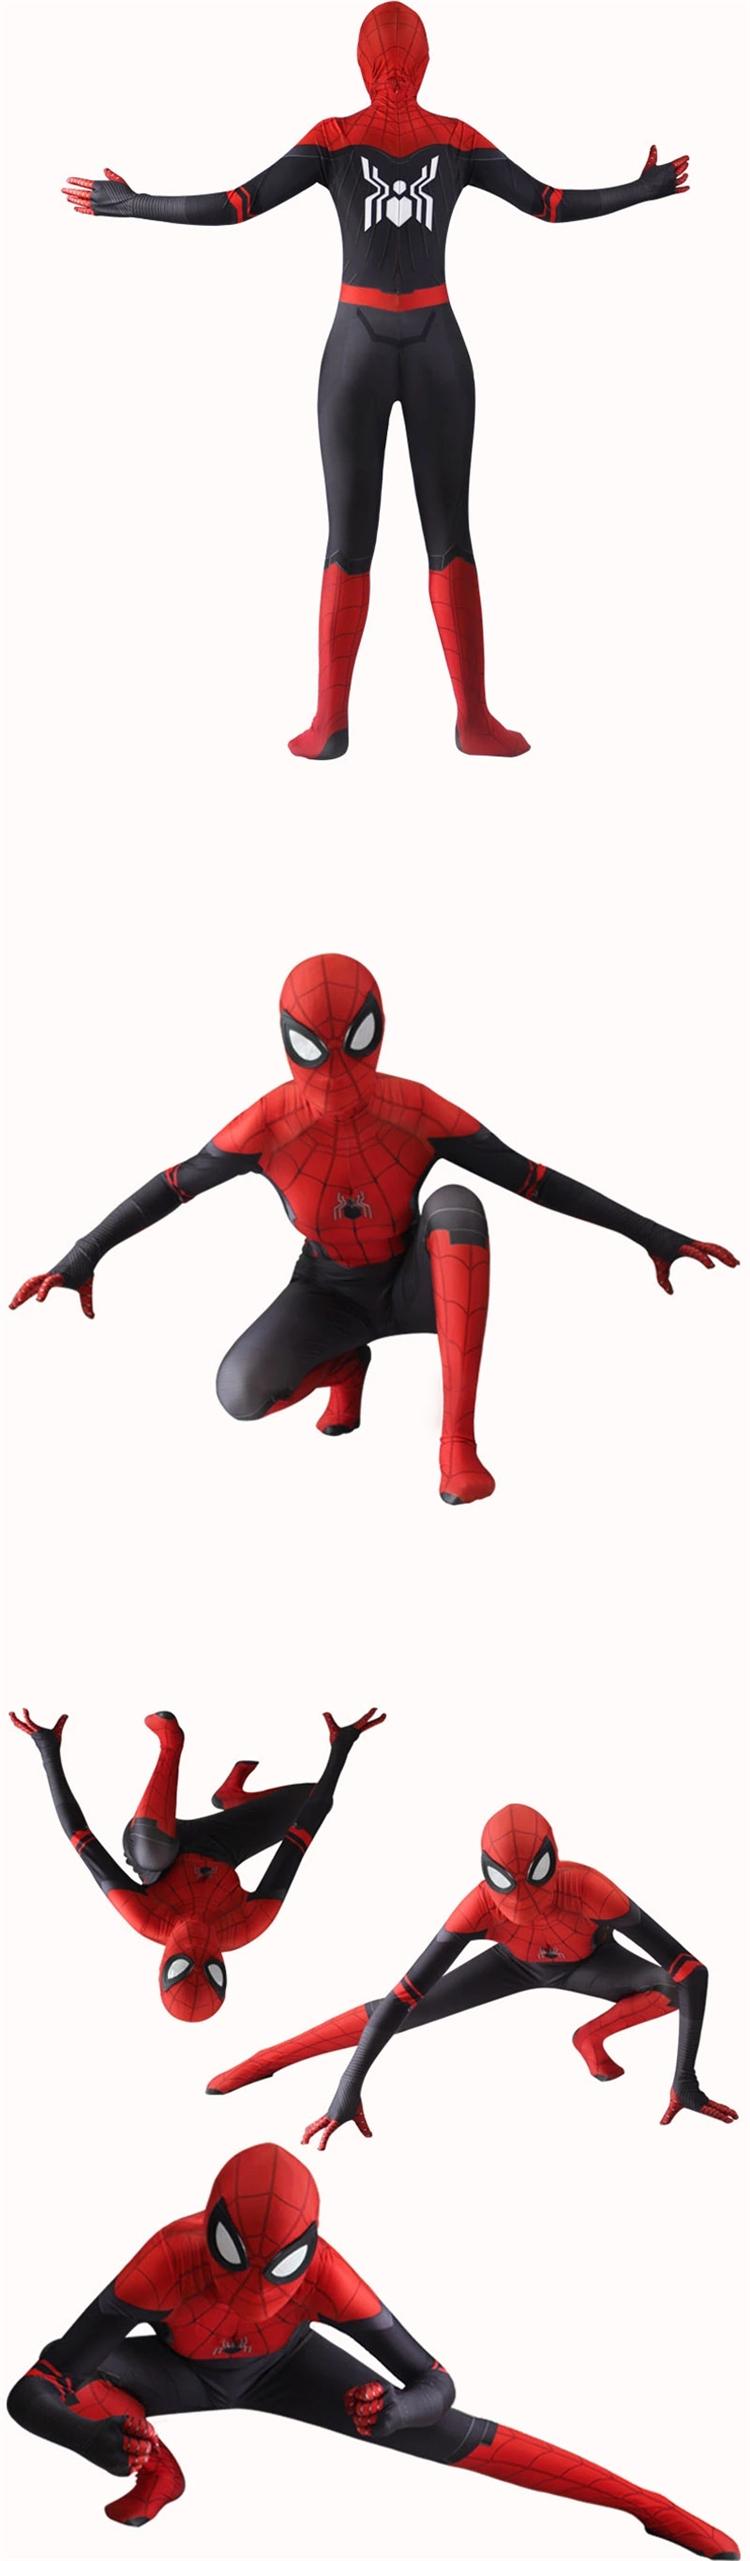 2019 新遠ホームクモ詩からマイルモラレス大人父子供子供スーツ家族衣装スパイダーマン